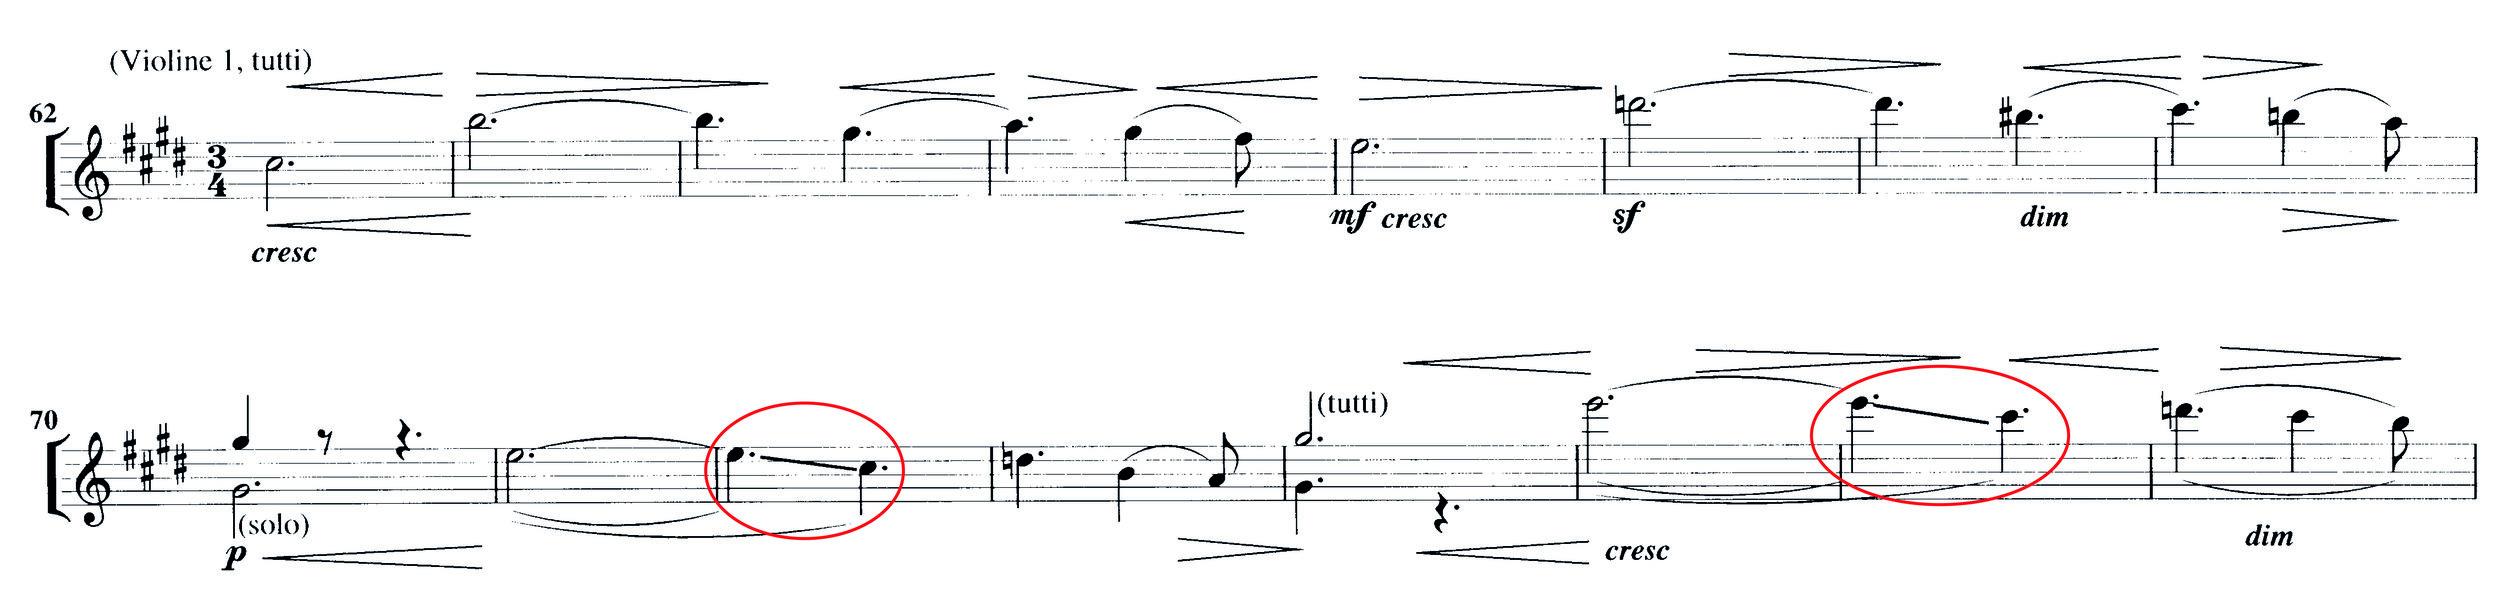 Abbildung 3: Elgar, Serenade op. 20, 1. Satz, T. 62 bis 77. Oberhalb des Systems: Norringtons realisierte Dynamik und Bogeneinteilung, unterhalb die original gedruckte und in Elgars Aufnahme realisierte Bezeichnungen.